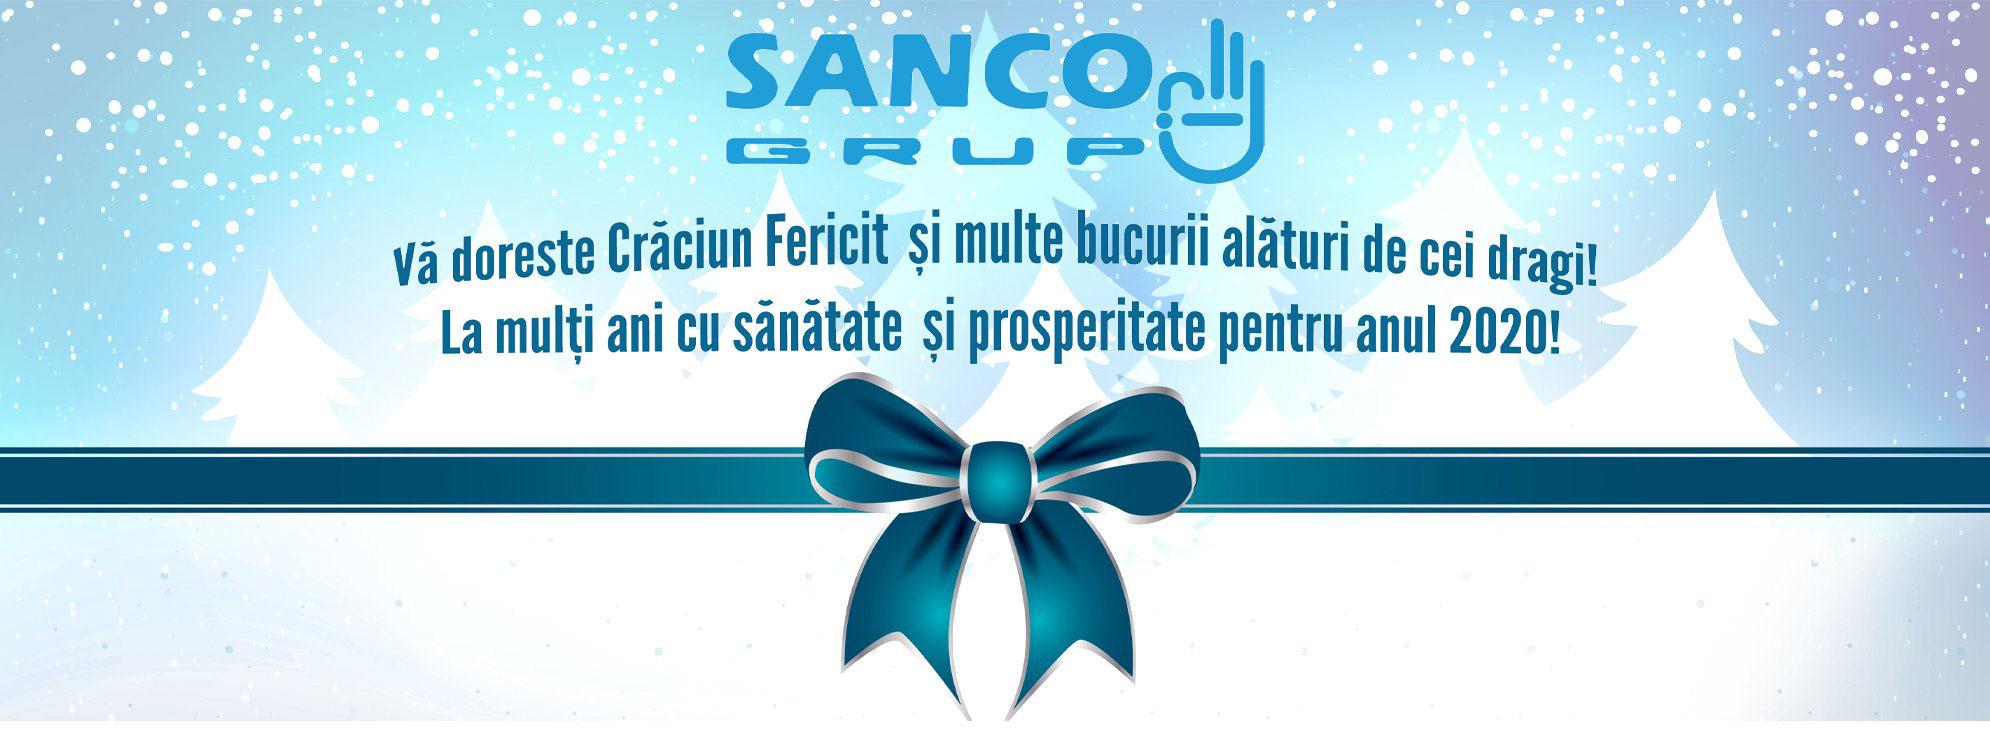 Program de sarbatori familia sanco grup 2019